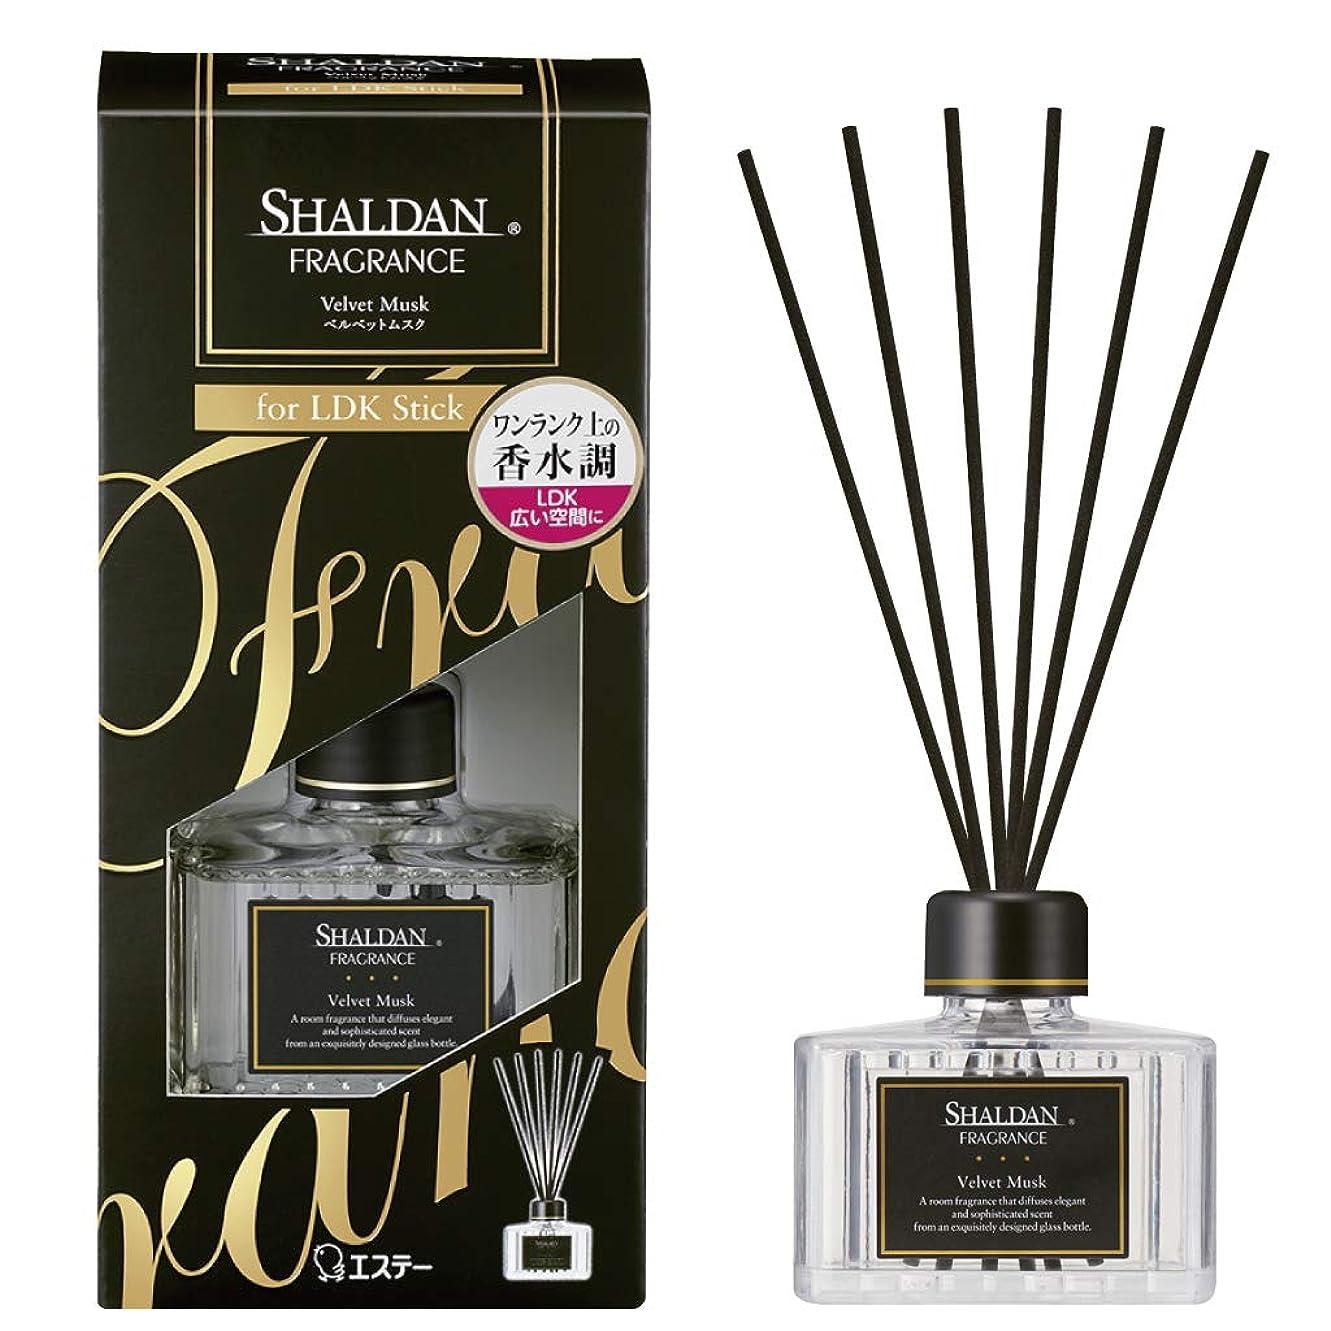 ディーラー規範市場シャルダン SHALDAN フレグランス for LDK Stick 芳香剤 部屋用 部屋 本体 ベルベットムスク 80ml